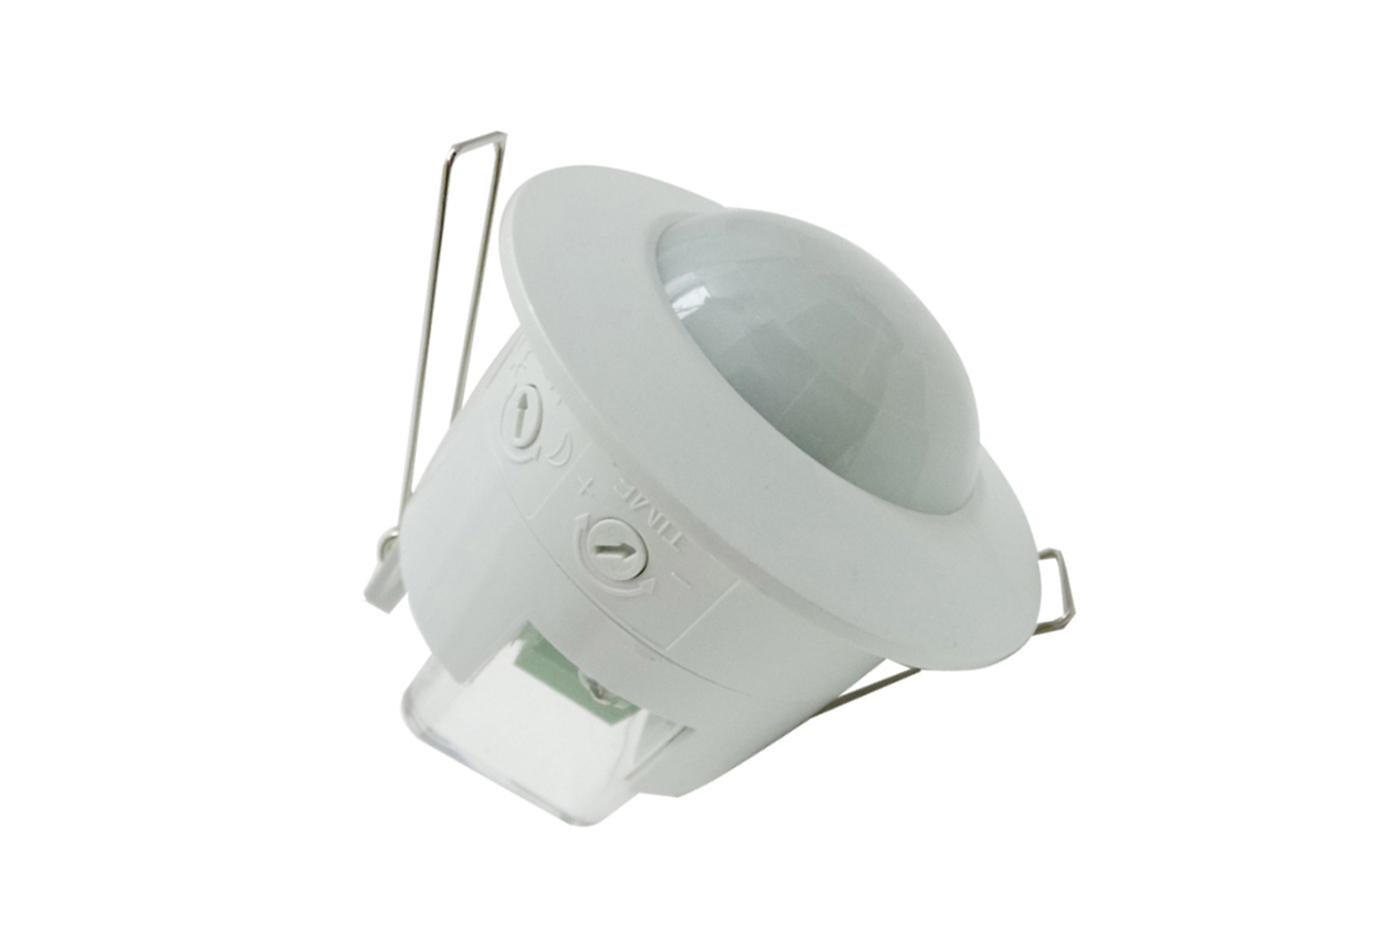 Plafoniere Con Crepuscolare : Bes accessori beselettronica sensore di movimento con